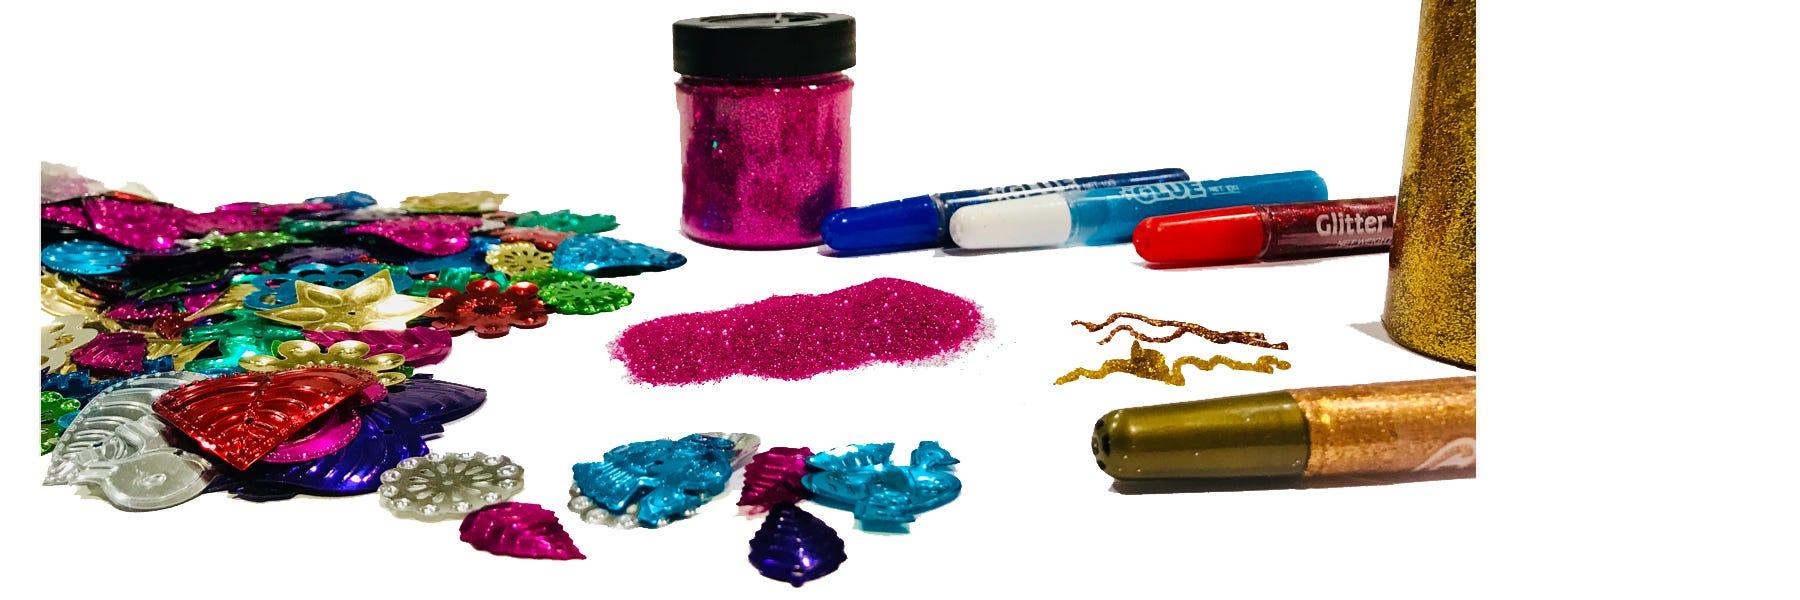 Glitter, glitterlim & paljetter